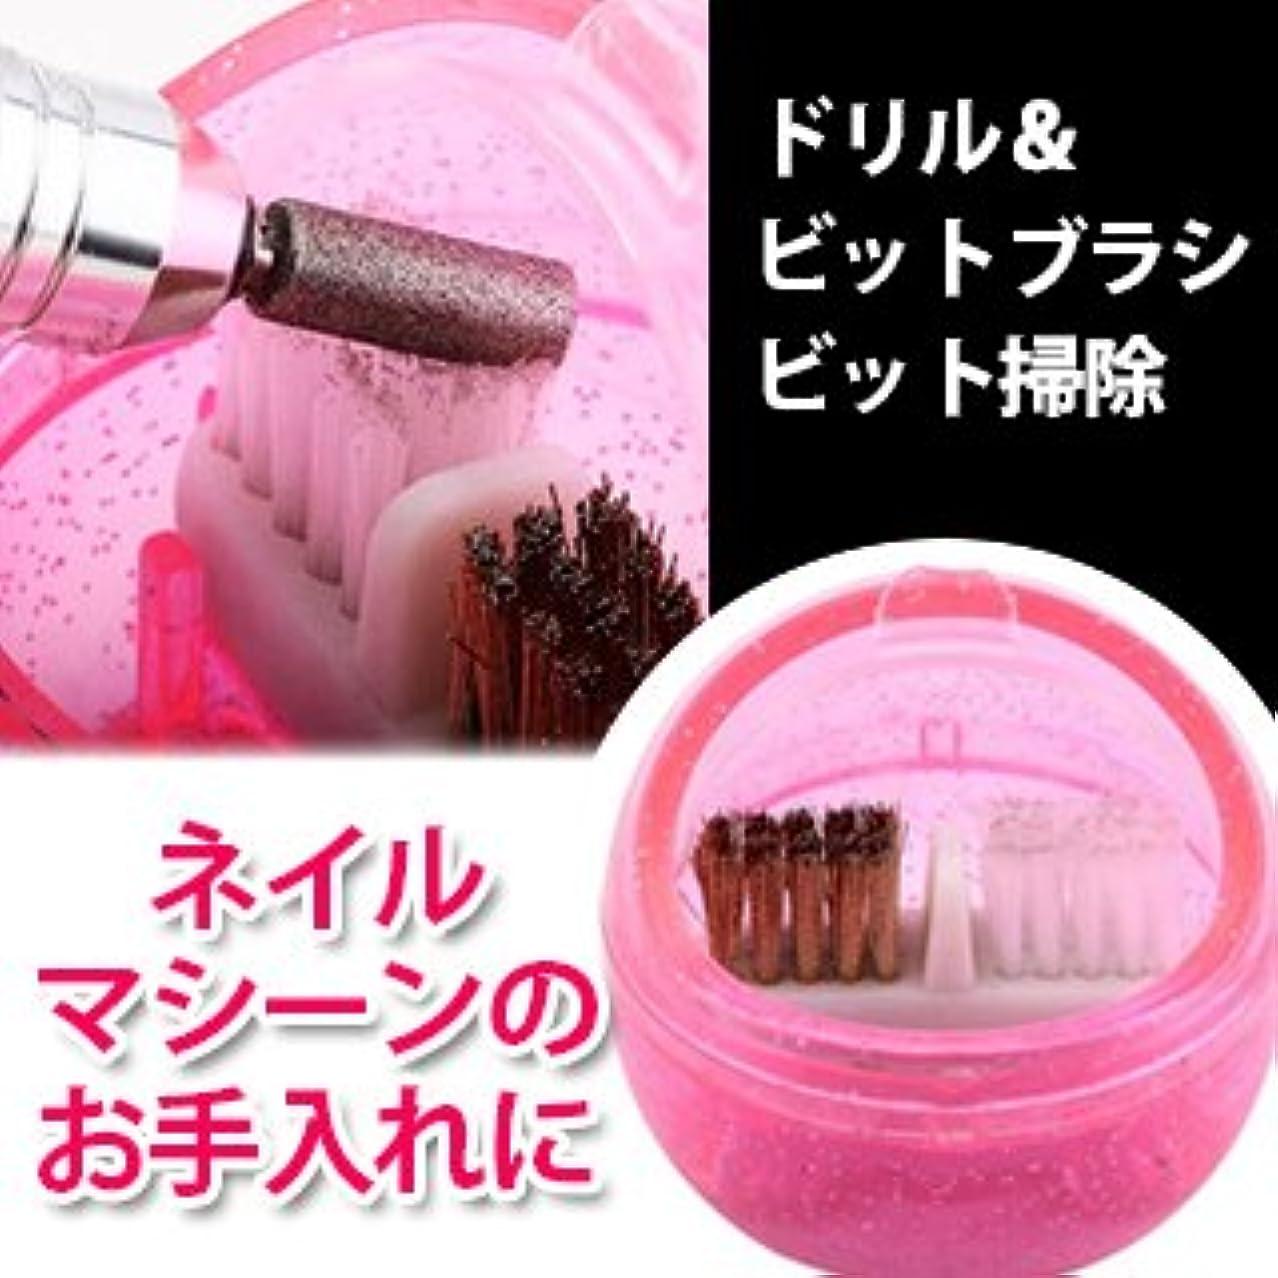 文字明らかに火曜日【ドリル&ビットブラシ ビット掃除】ピンク ネイルドリルビット クリーニング  URAWA